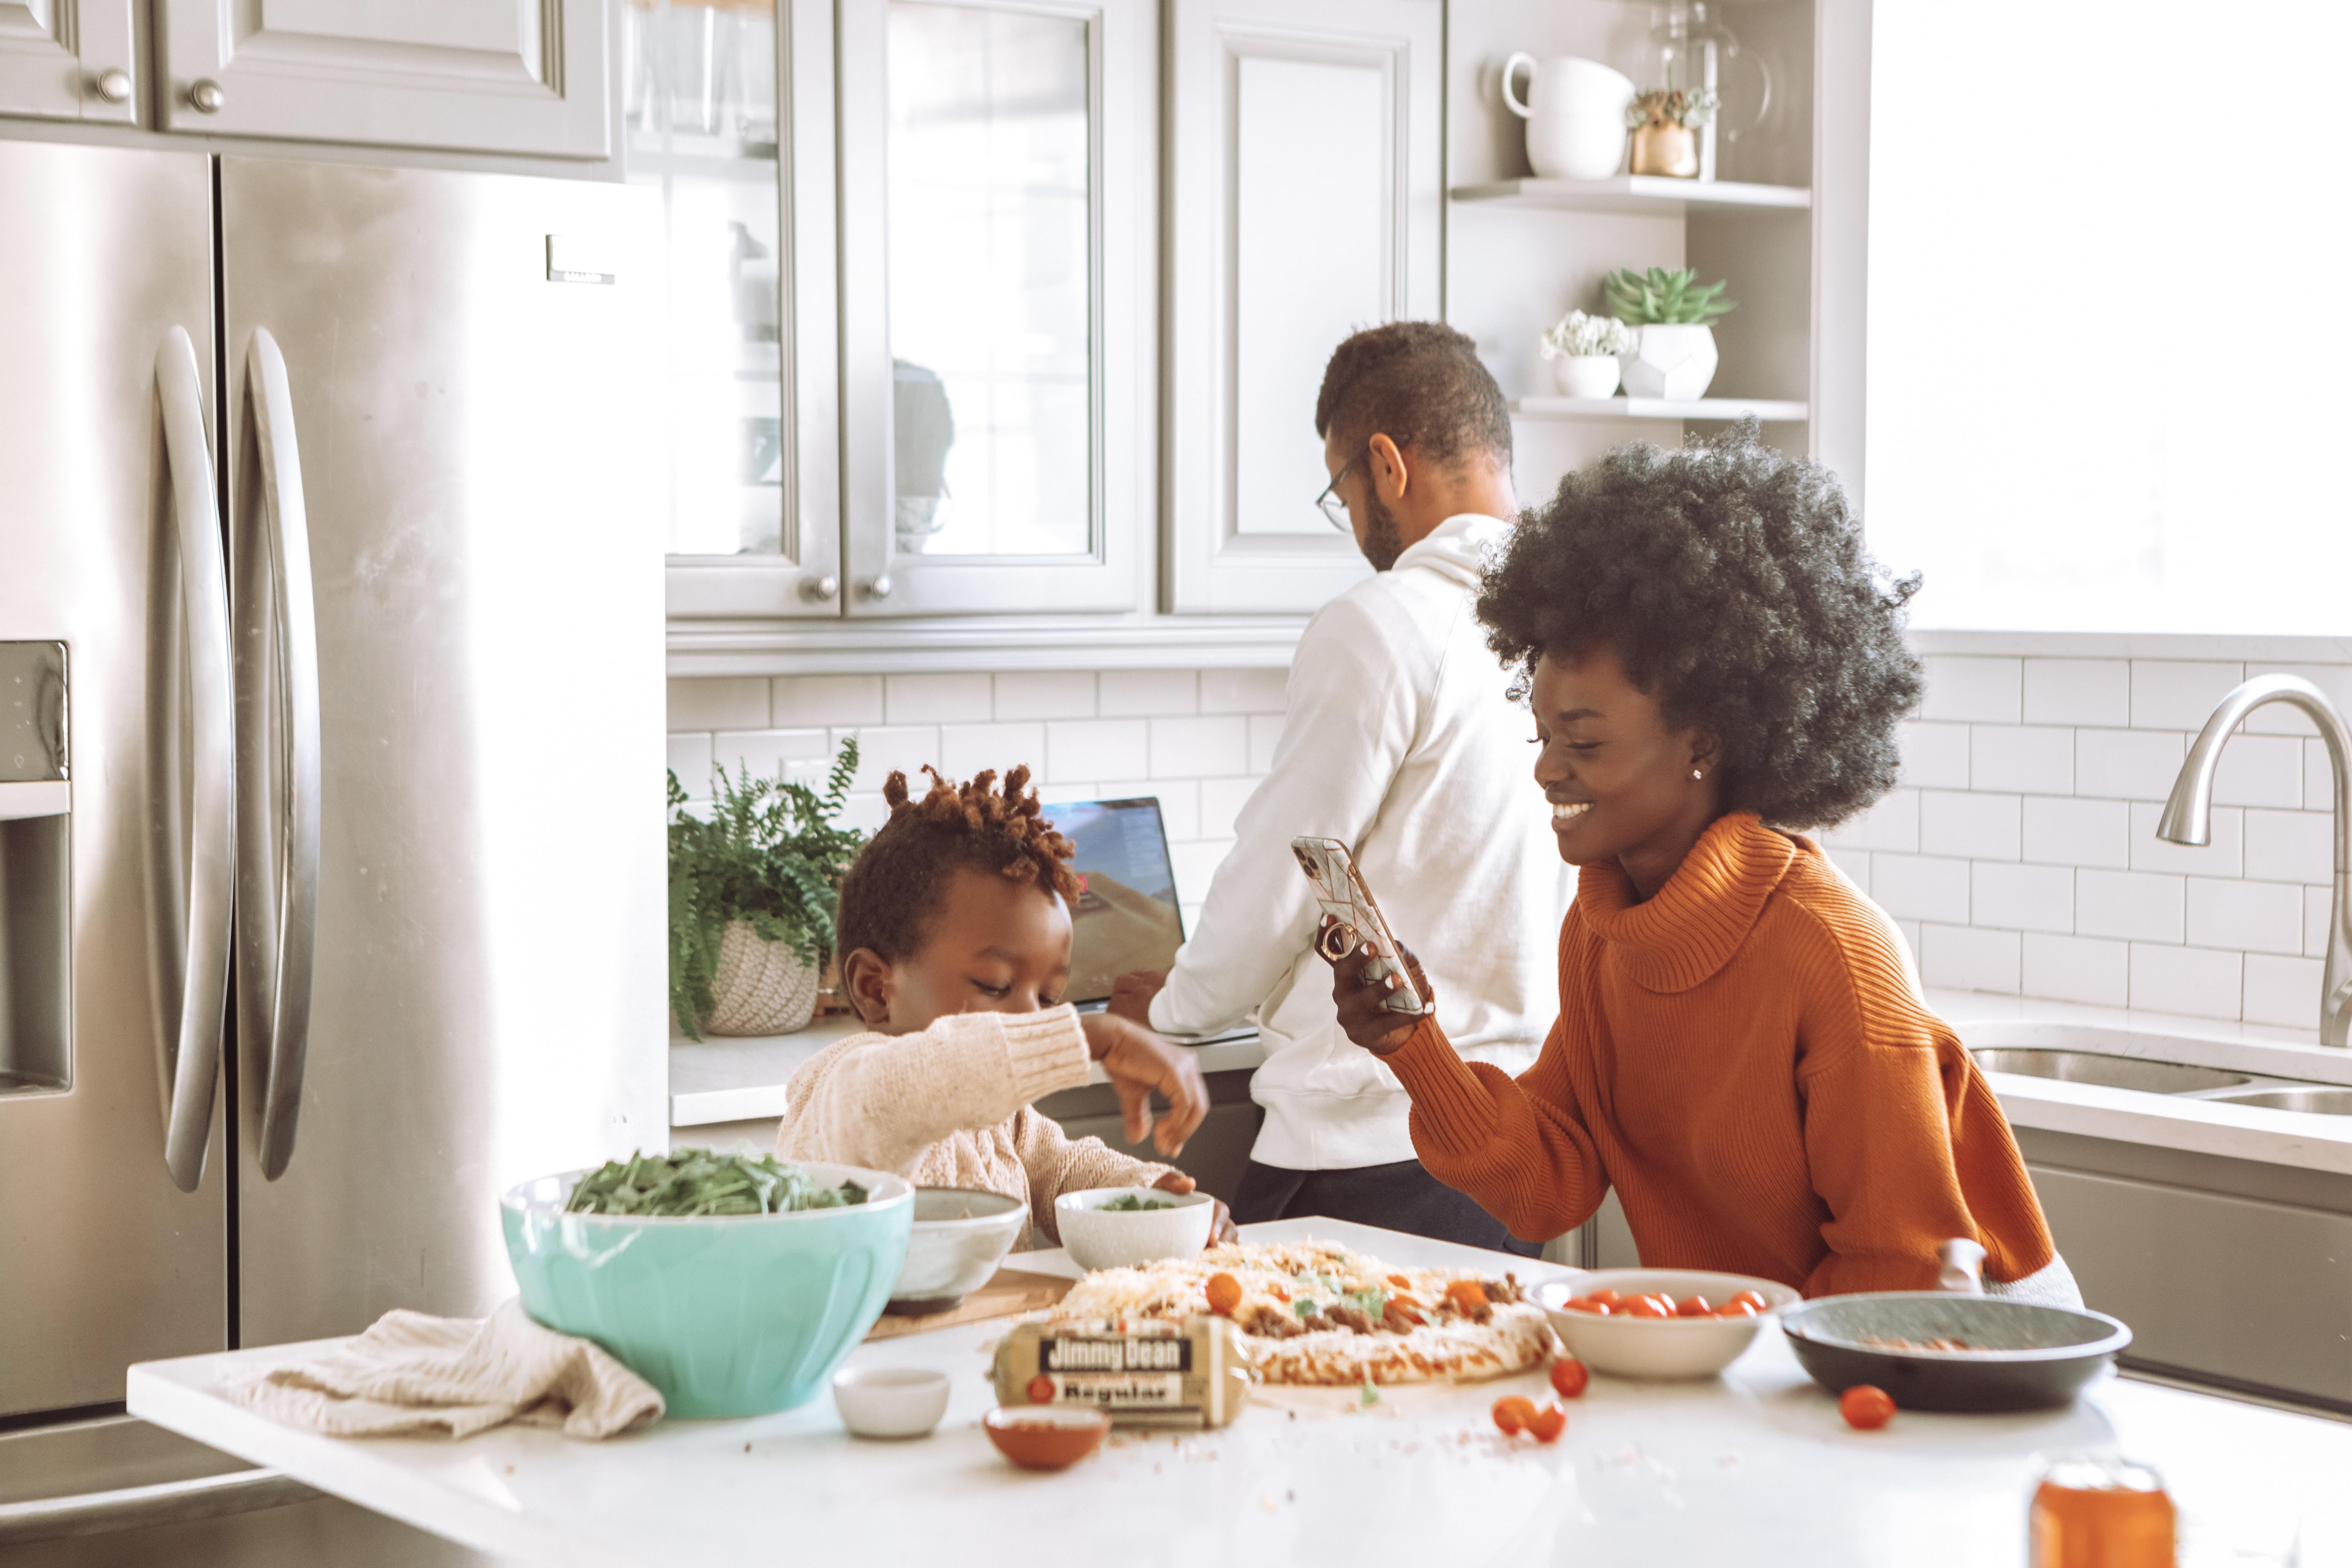 Skab mindre konflikter i hjemmet en magnettavle til børn